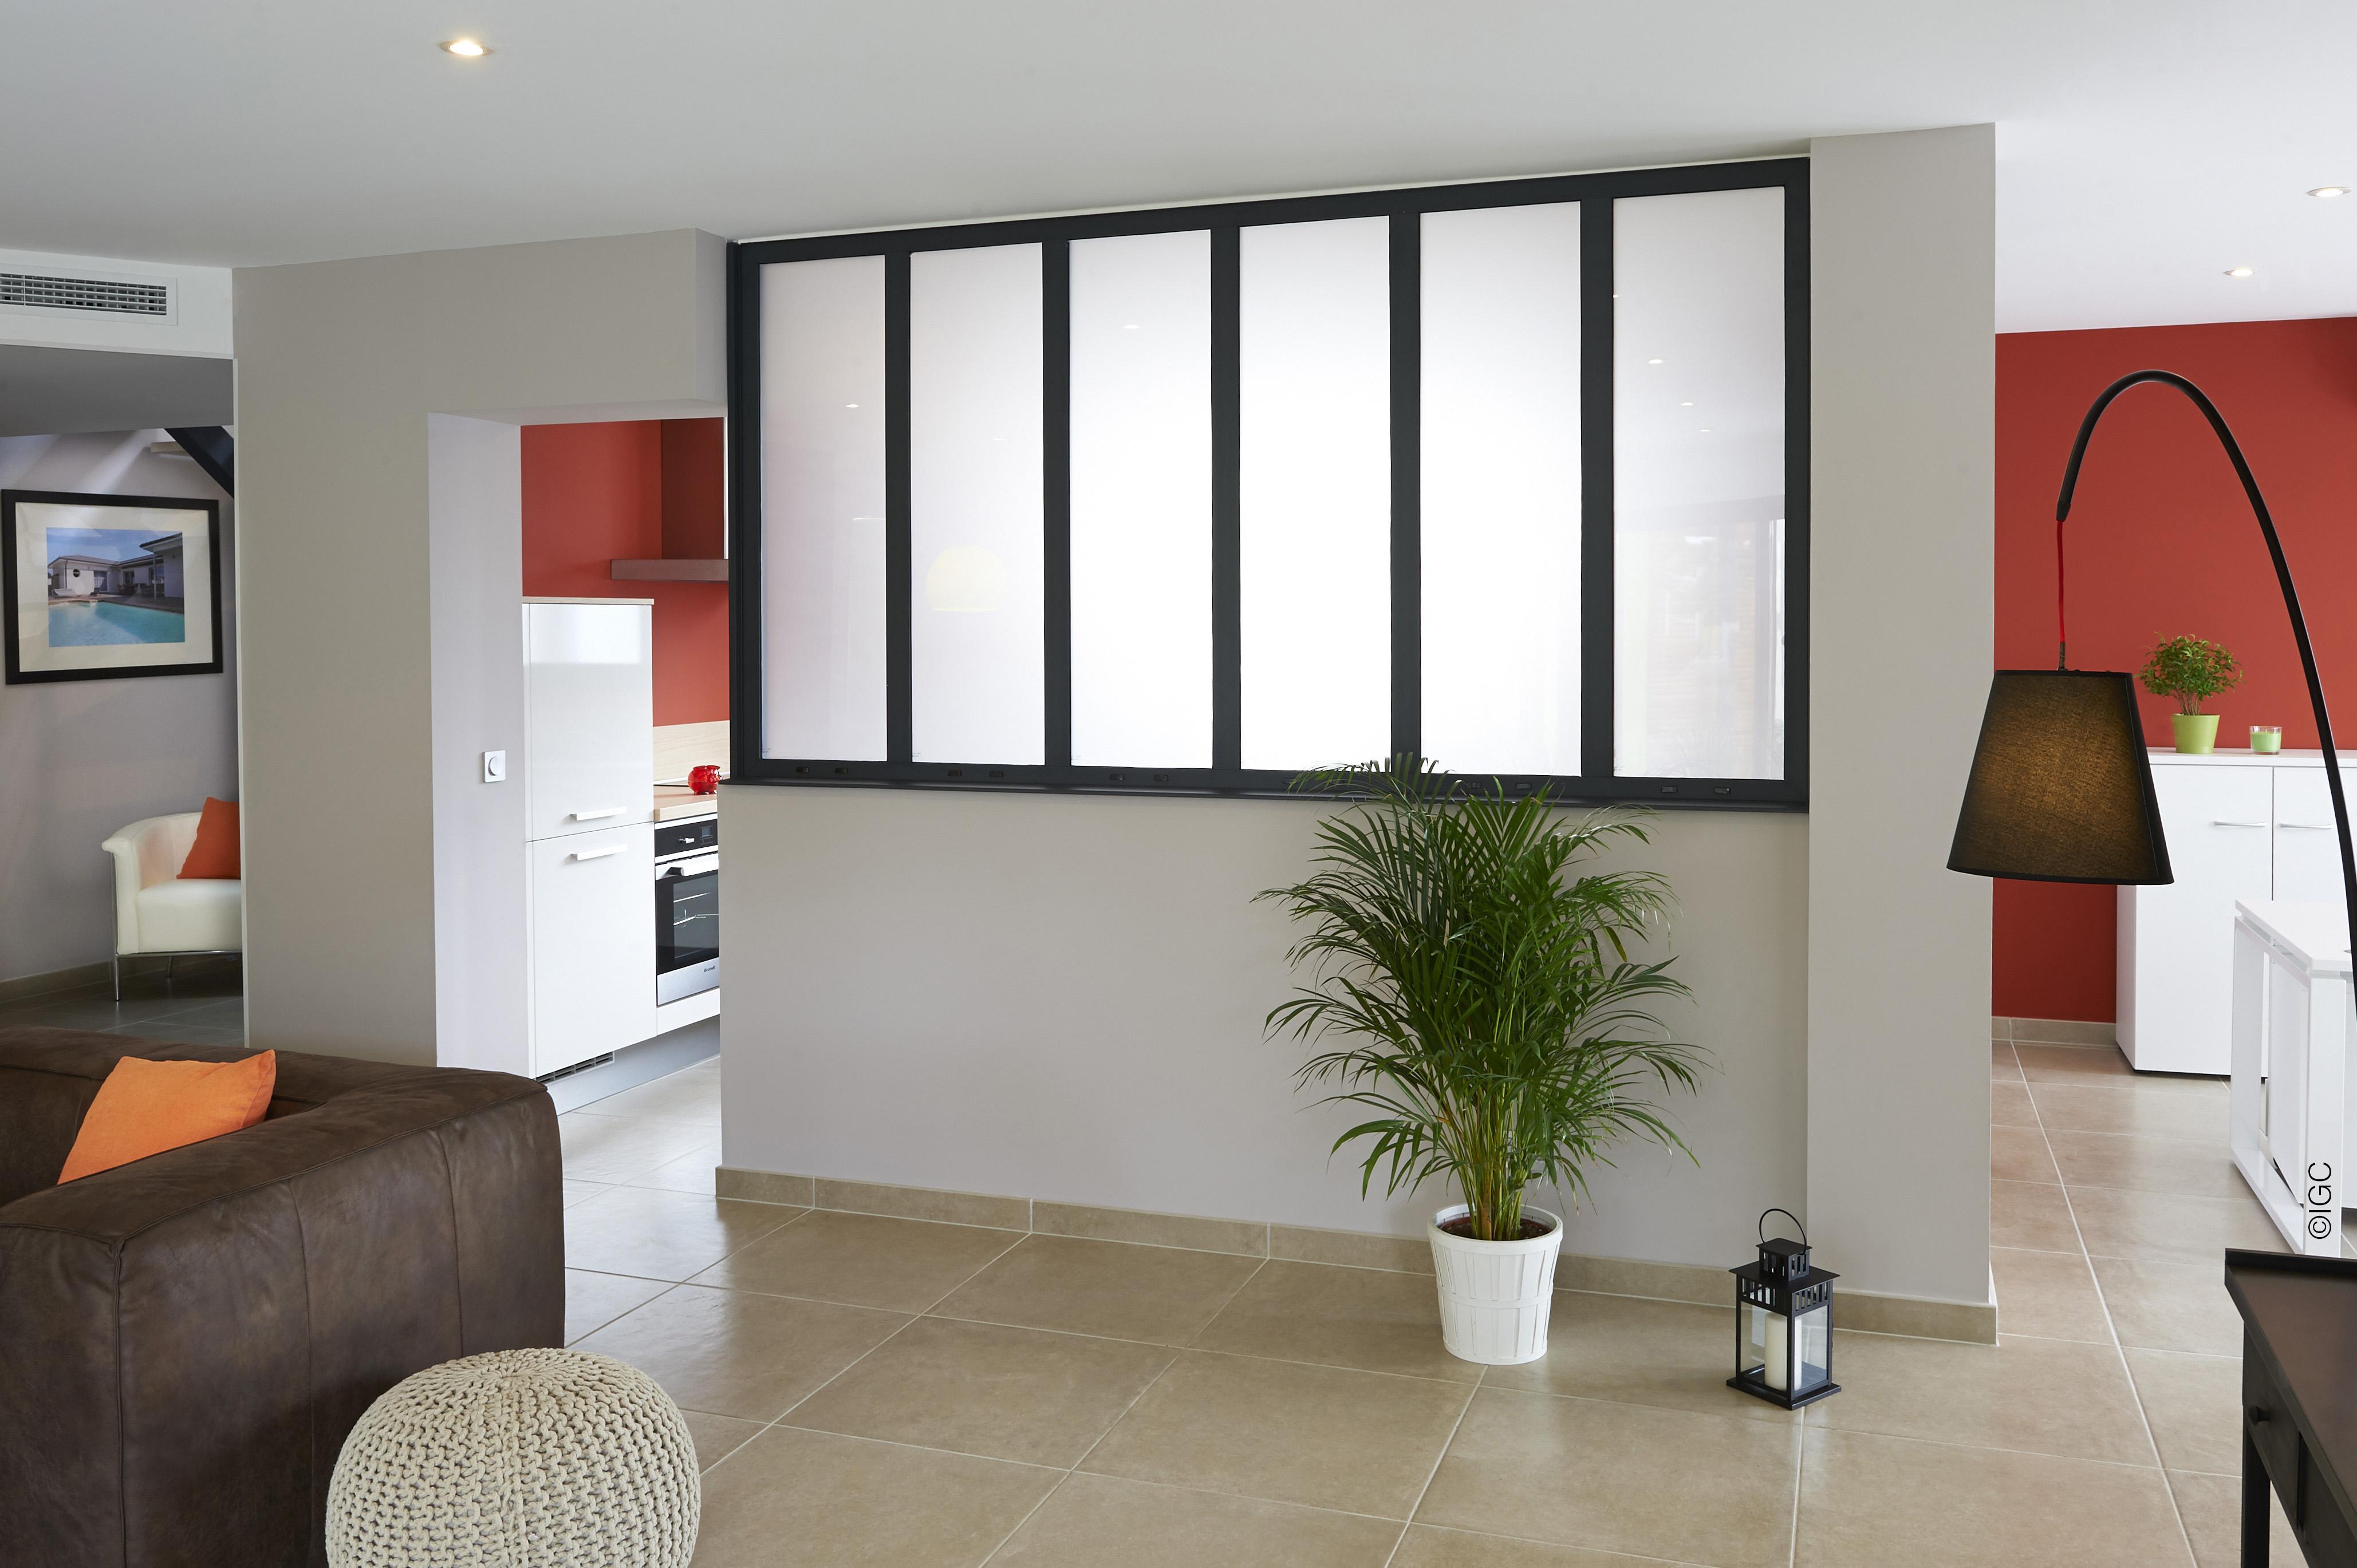 Igc construction constructeur maisons individuelles la for Constructeur de maison loiret